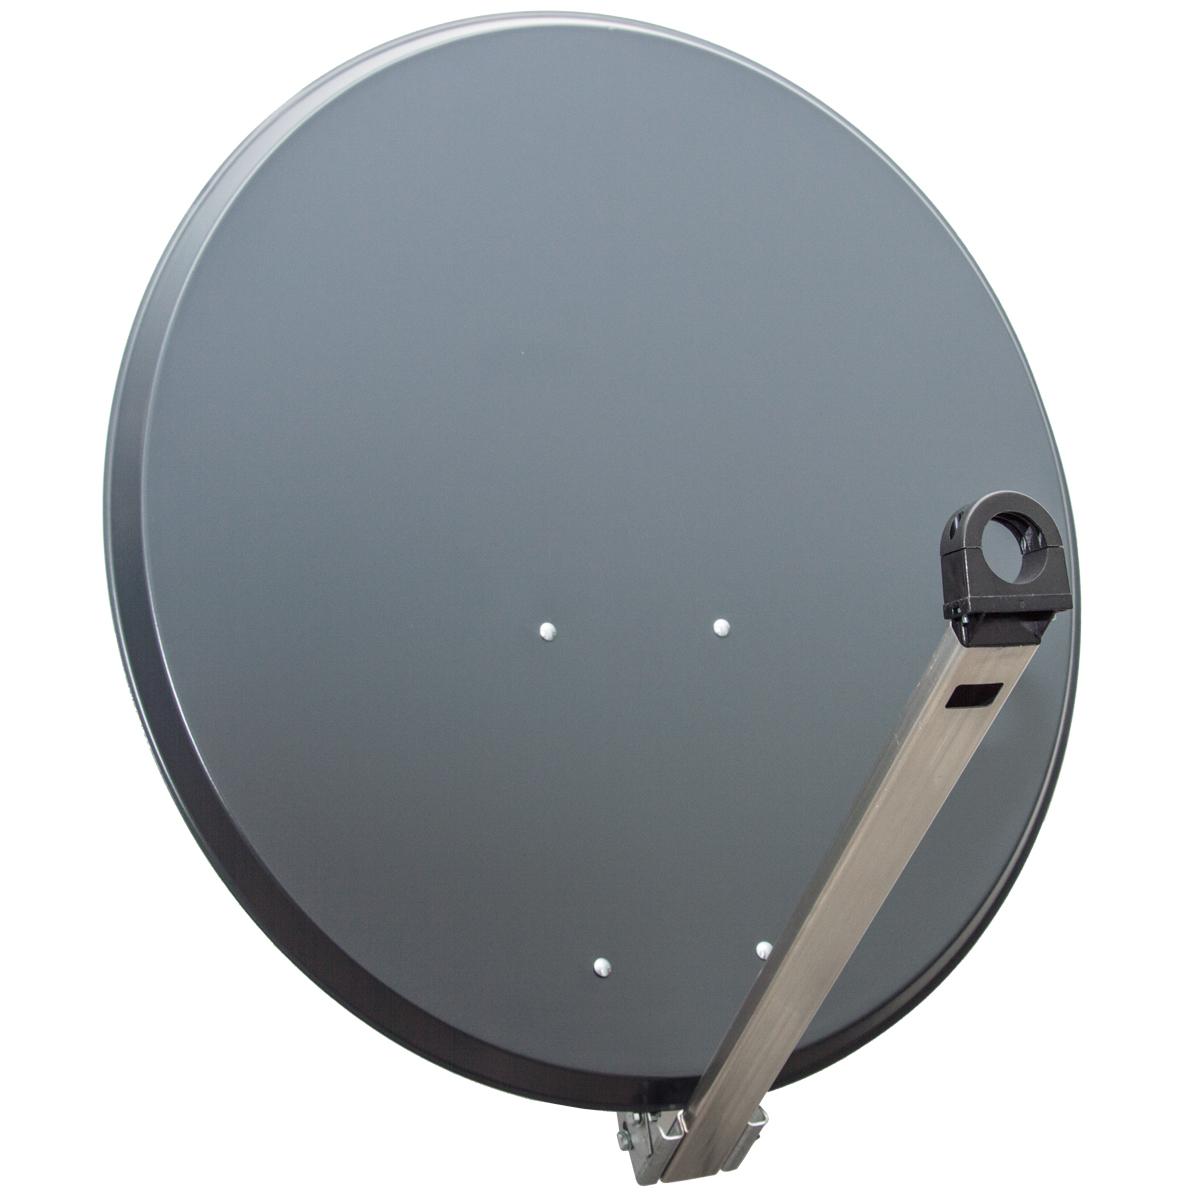 PremiumX XTS Antenne 85cm Stahl SAT Schüssel Spiegel Anthrazit mit LNB Octo 0,1 dB zum Direktanschluss von 8 Teilnehmern Digital HDTV FullHD 3D tauglich + 16x F-Stecker vergoldet